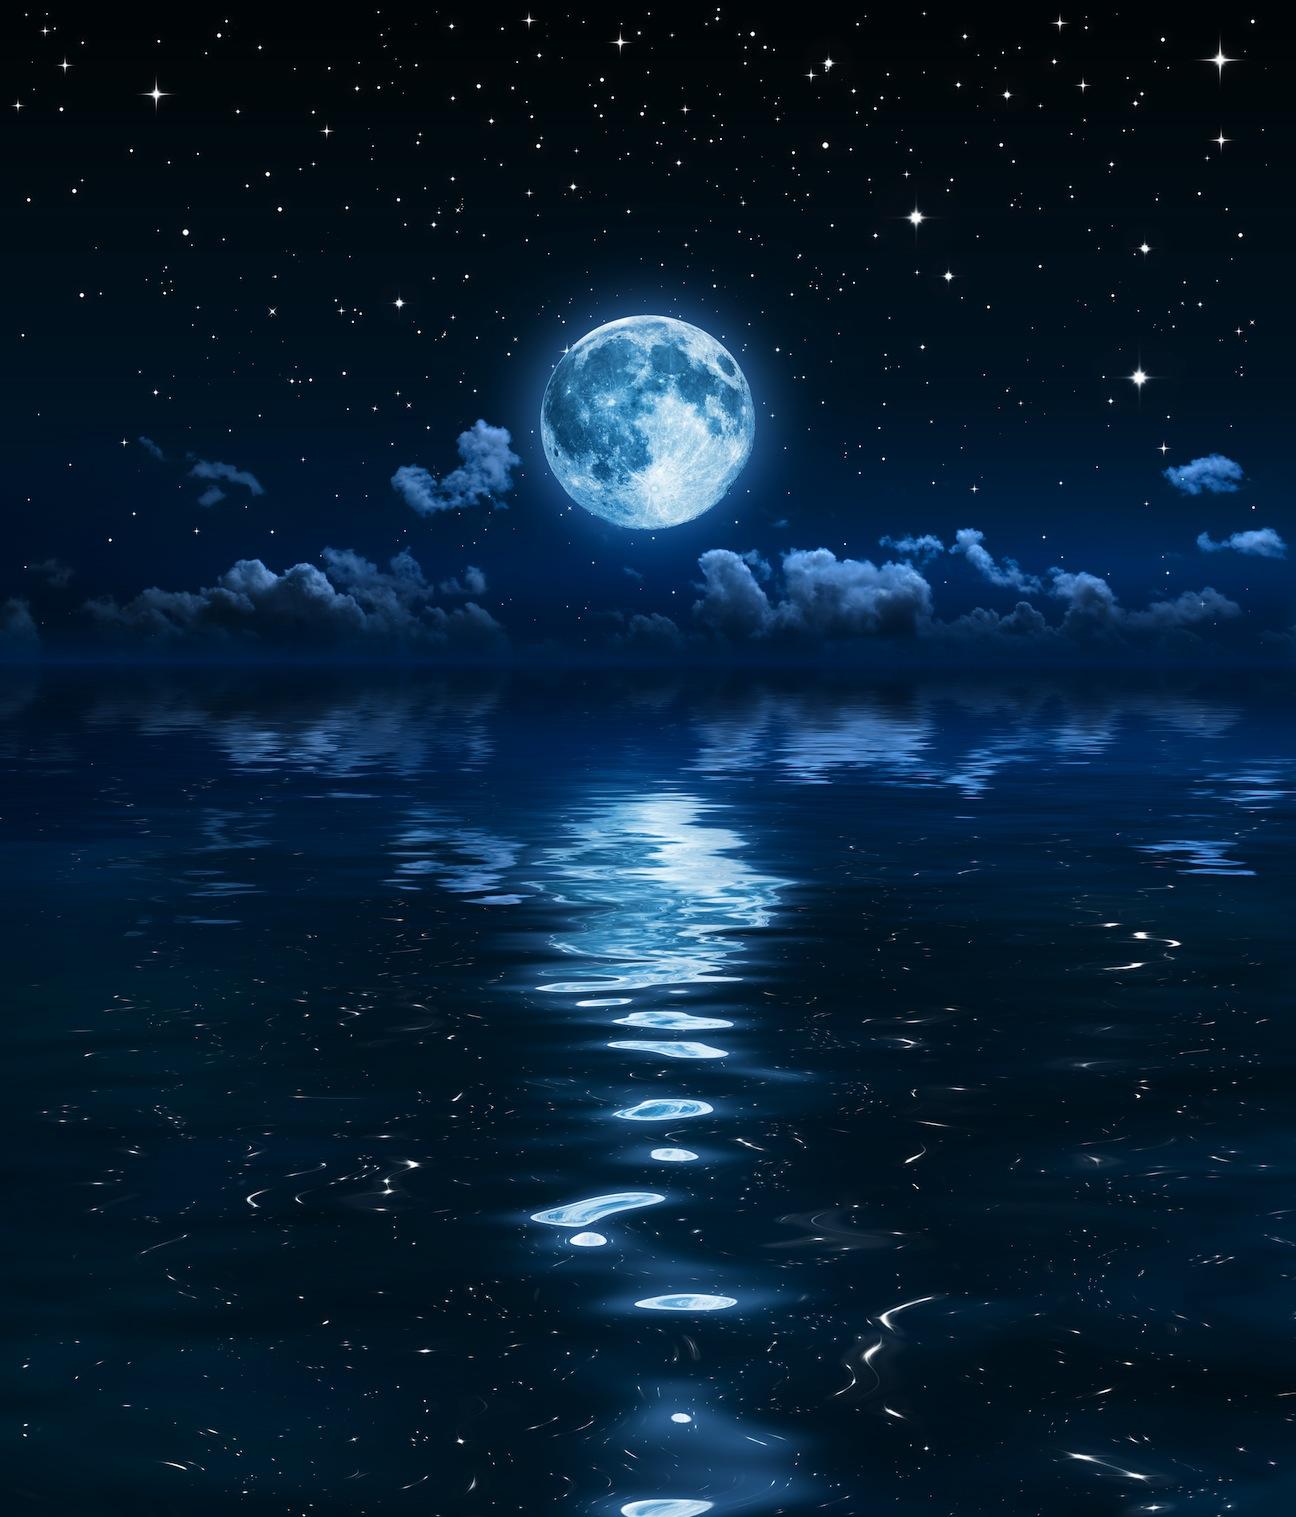 Contre le clair de lune papiers peints photo